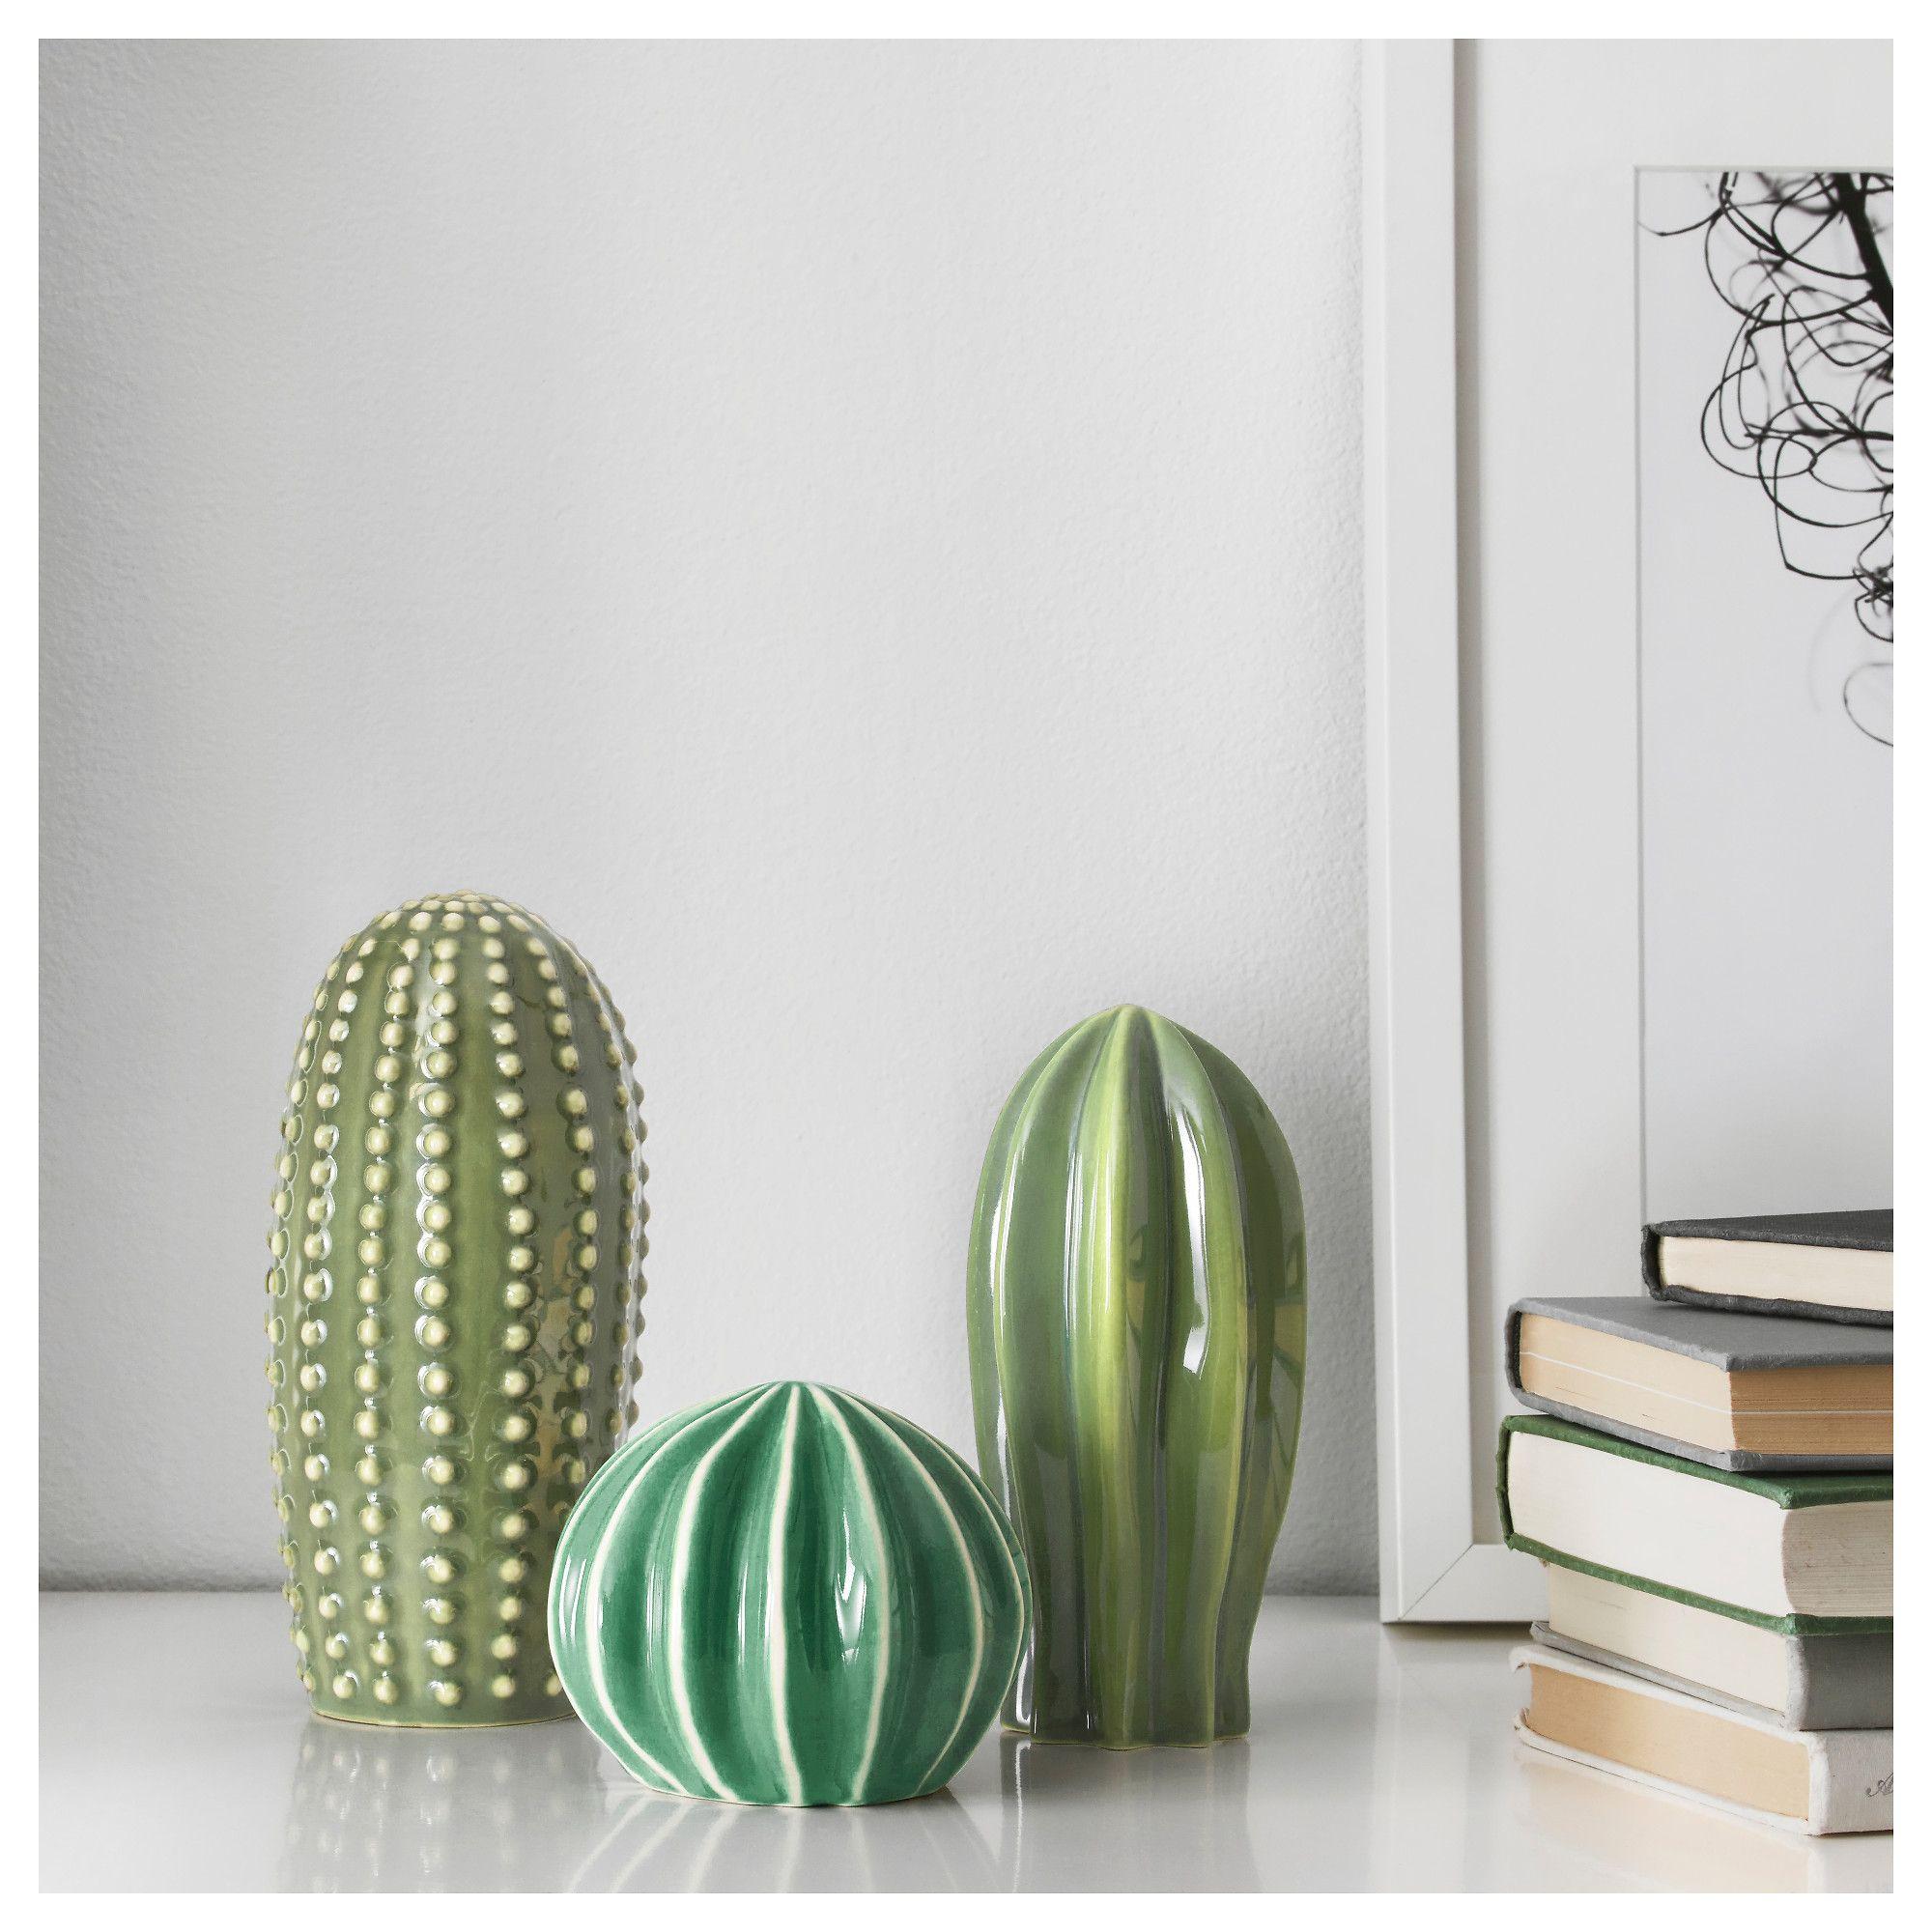 """black ceramic cube vase of ikea sja""""lsligt ukrasi3k svoj dom moa¾ea ukrasiti zelenim in ikea sja""""lsligt ukrasi3k svoj dom moa¾ea ukrasiti zelenim biljkama i to bez zalijevanja jer su kaktusi izraa'eni od keramike"""